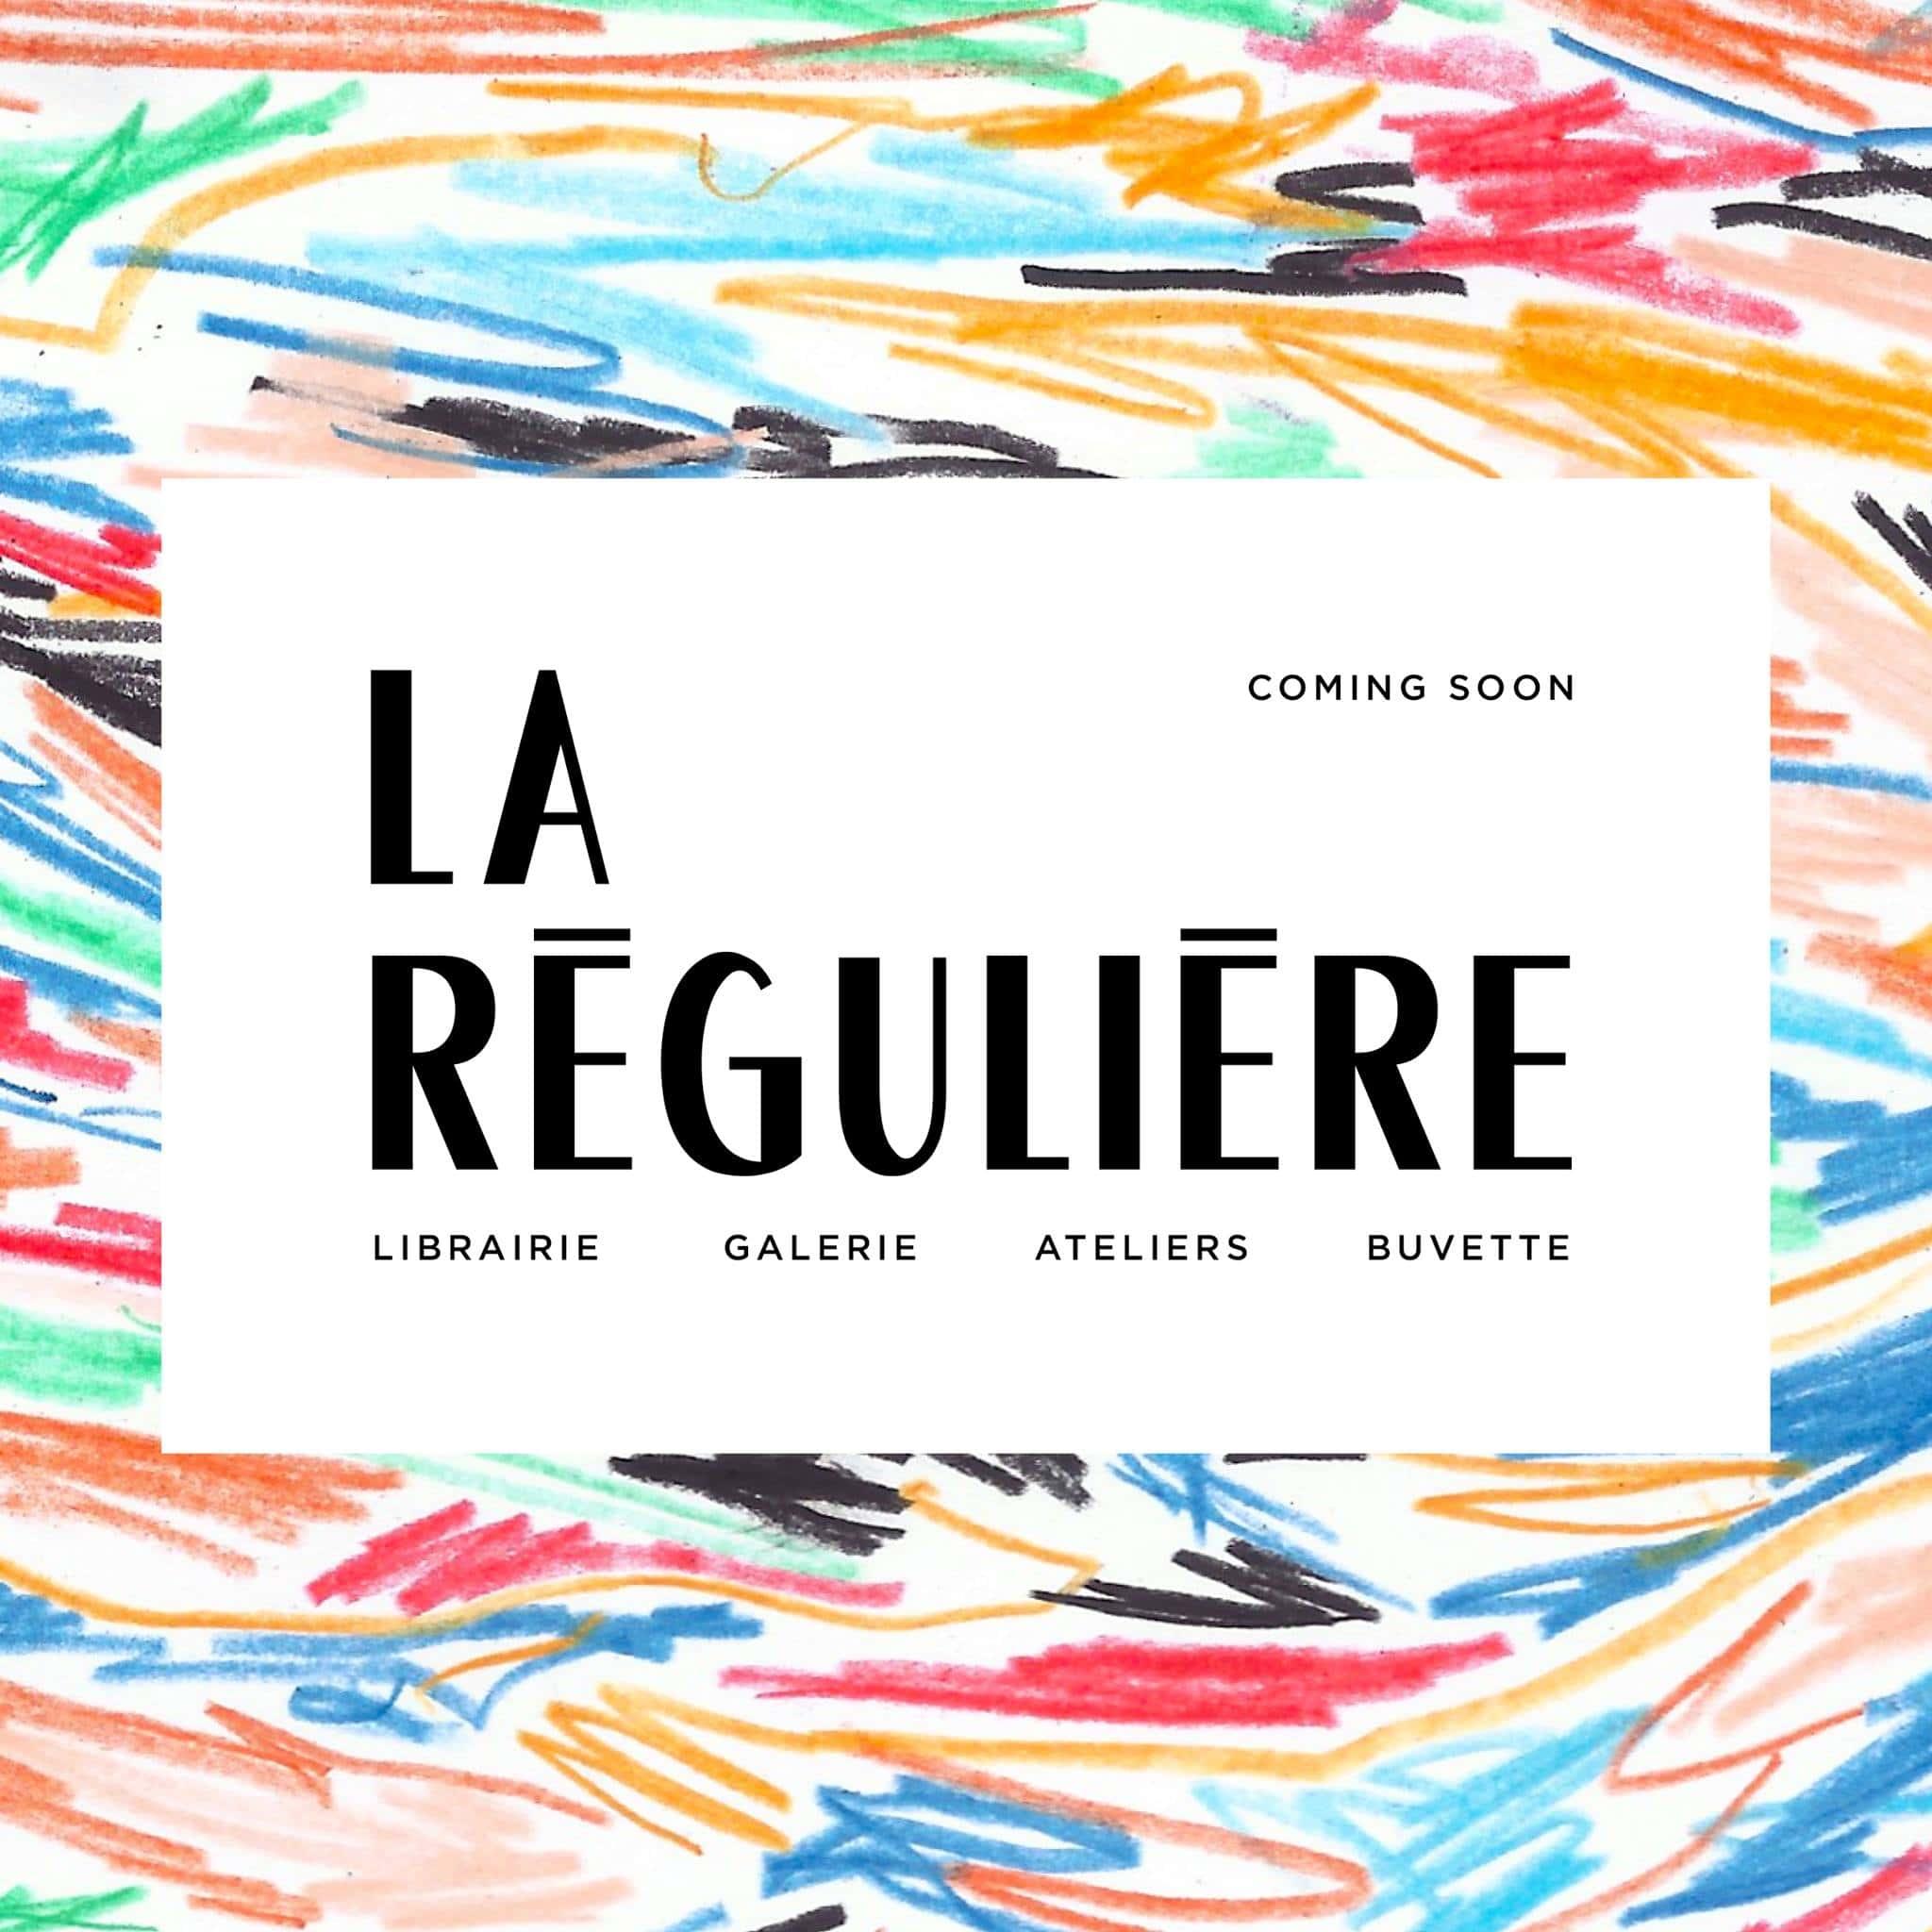 Librairie La Régulière